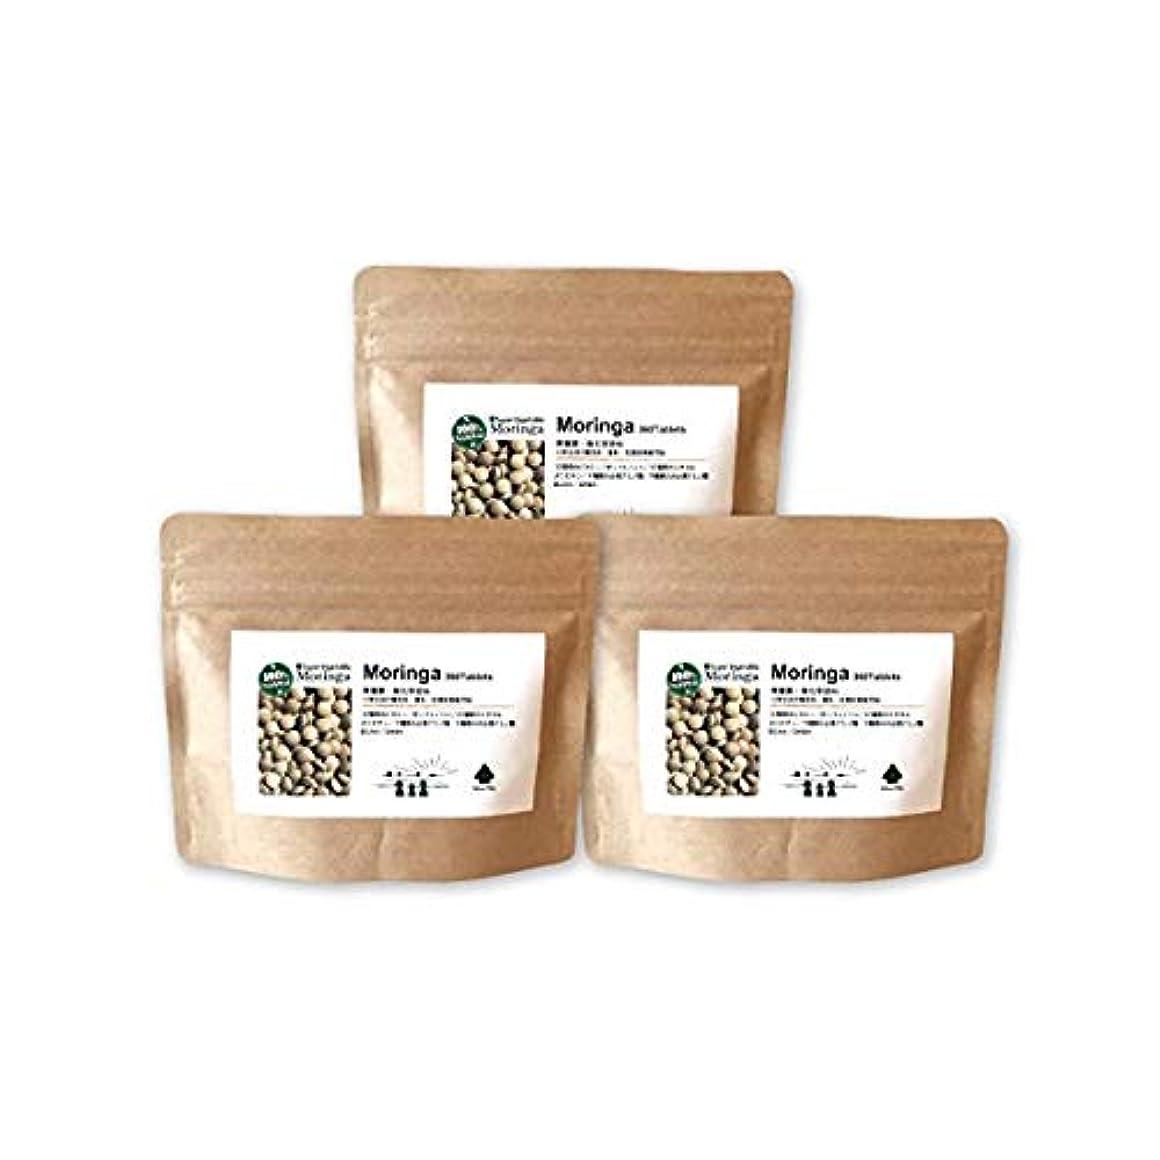 ビヨンデジタルいたずらモリンガ粒(3個セット) 沖縄産の無農薬?無化学肥料栽培モリンガ葉使用